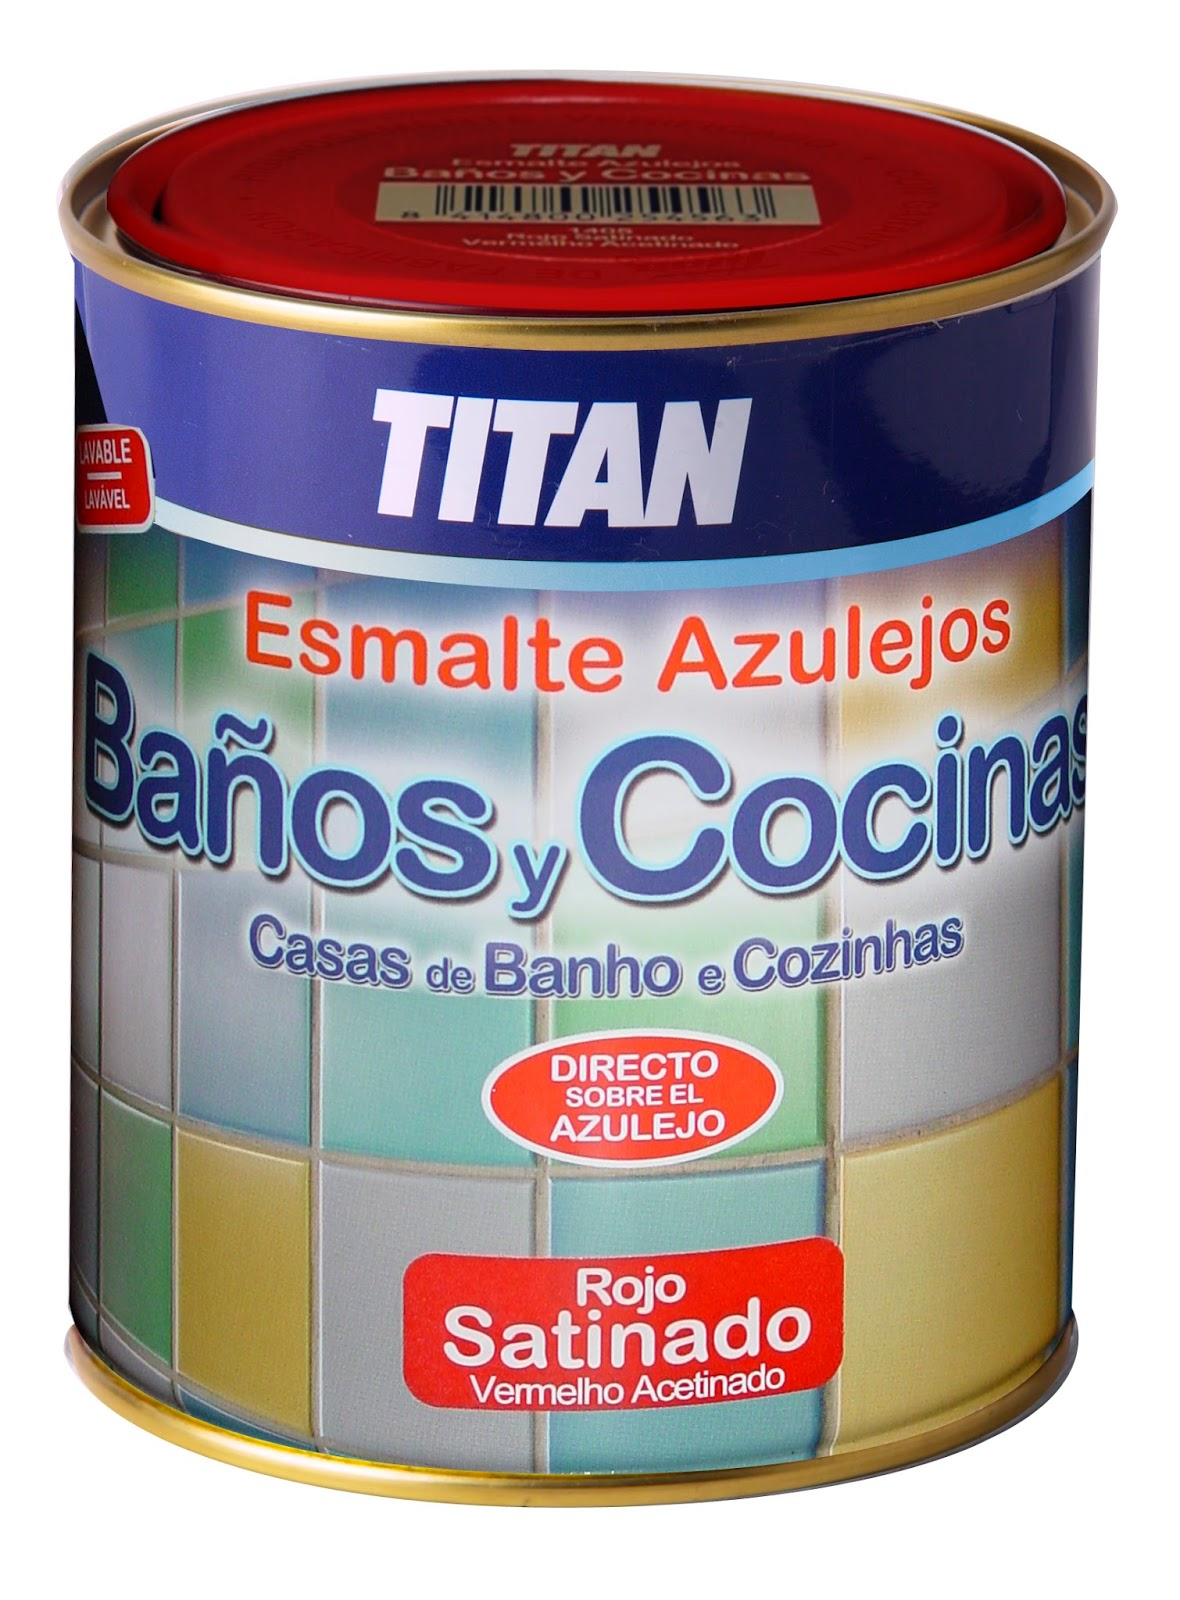 Pintura y decoraci n tit n ba os y cocinas esmalte para - Pinturas para cocinas y banos ...